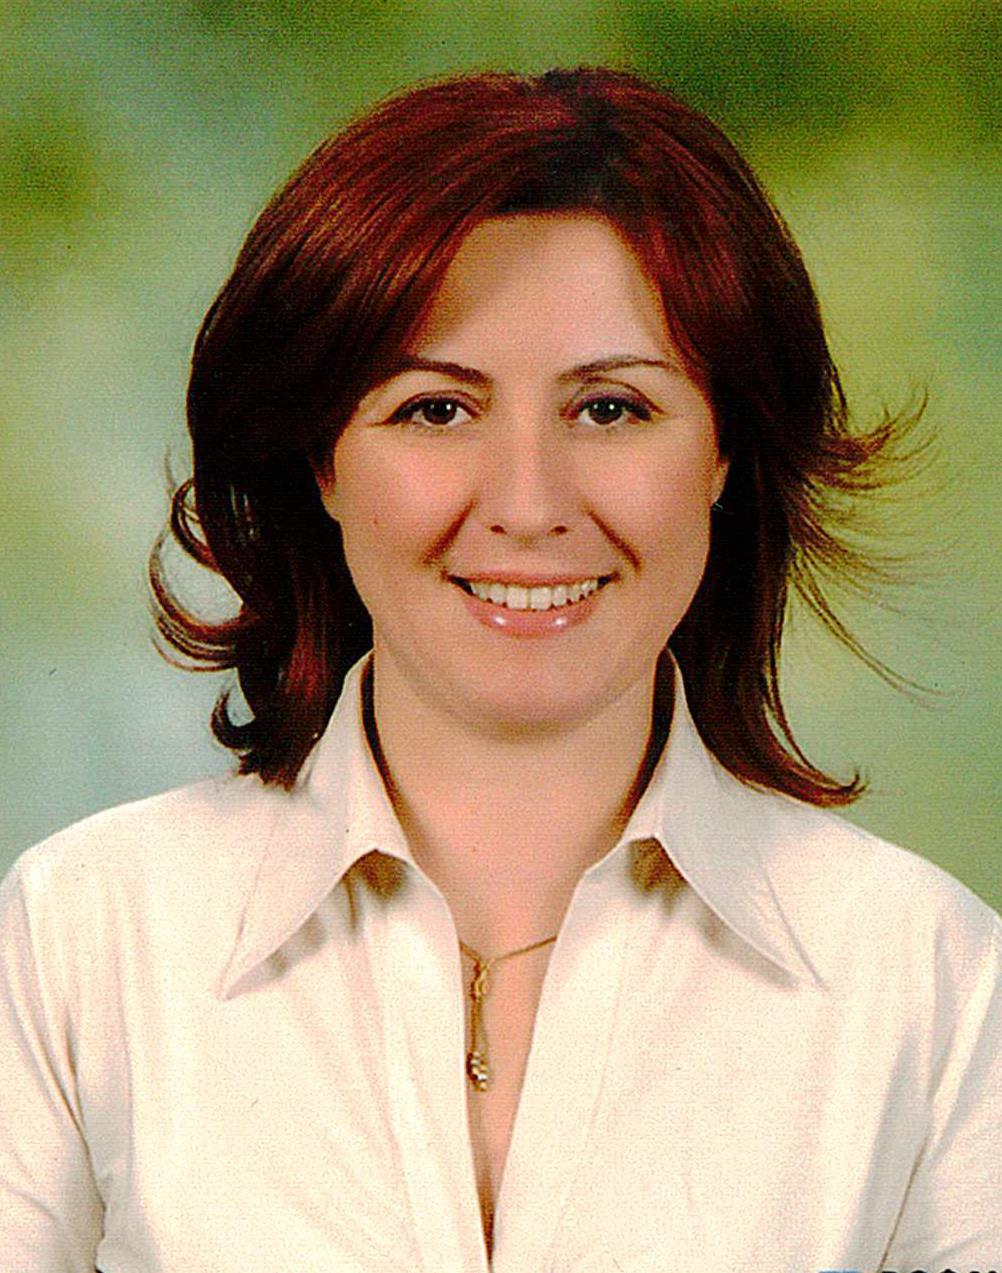 Prof. Dr. ADİLE BERNA DURSUN